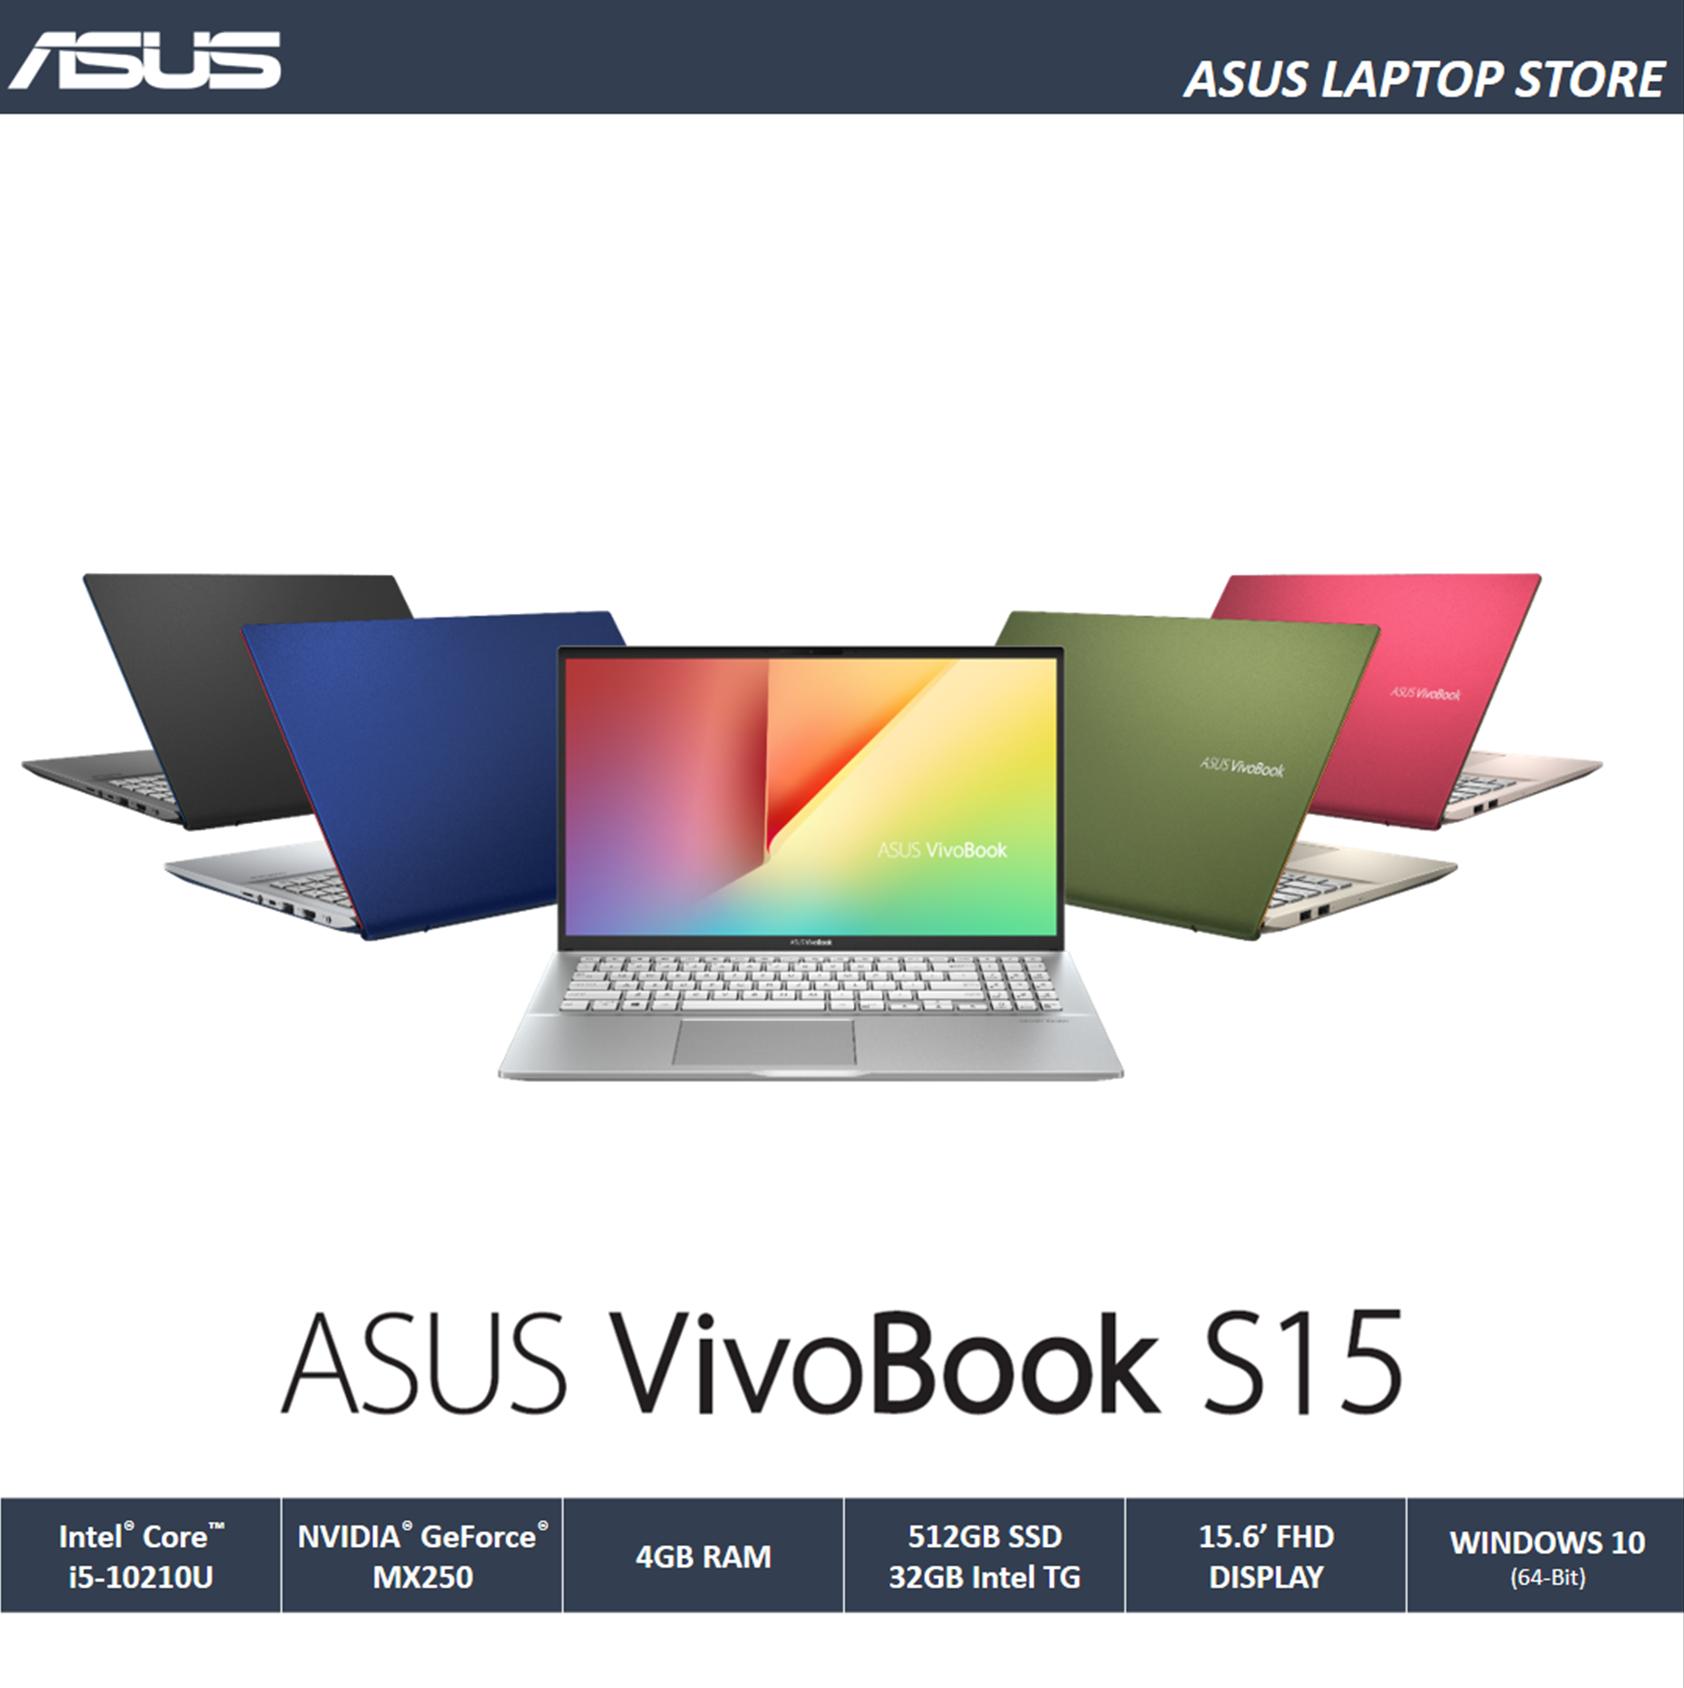 Asus VivoBook S15 S531FL (I5-10210U / 4GB OB / PCIEG3x2 NVME 512G + 32GB INTEL TG / 15.6-FHD / MX250 2GB / 802.11ax + BT5.0 / WIN10 / 1.8KG) Malaysia